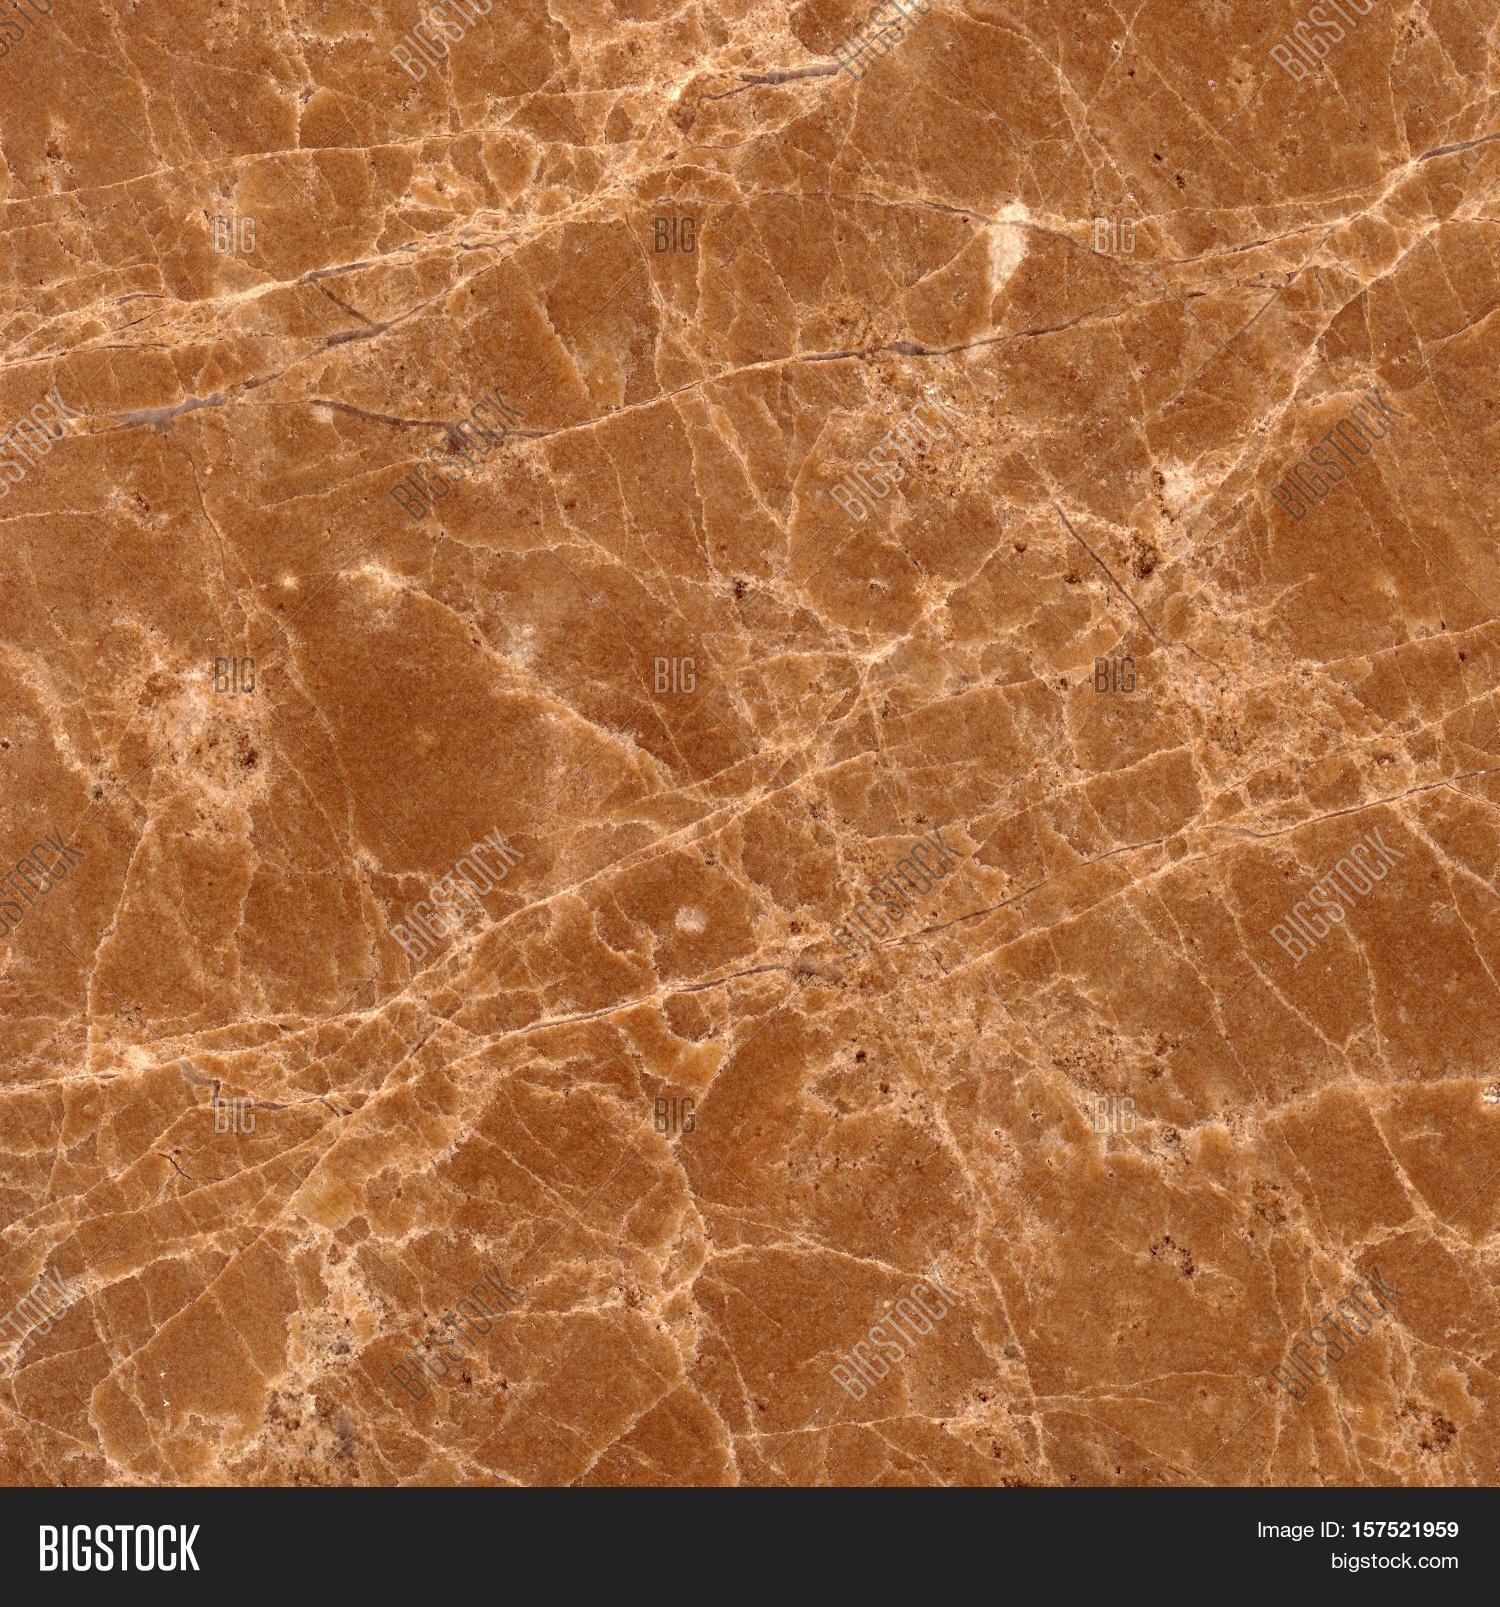 Brown Emperador Marble Image Photo Free Trial Bigstock